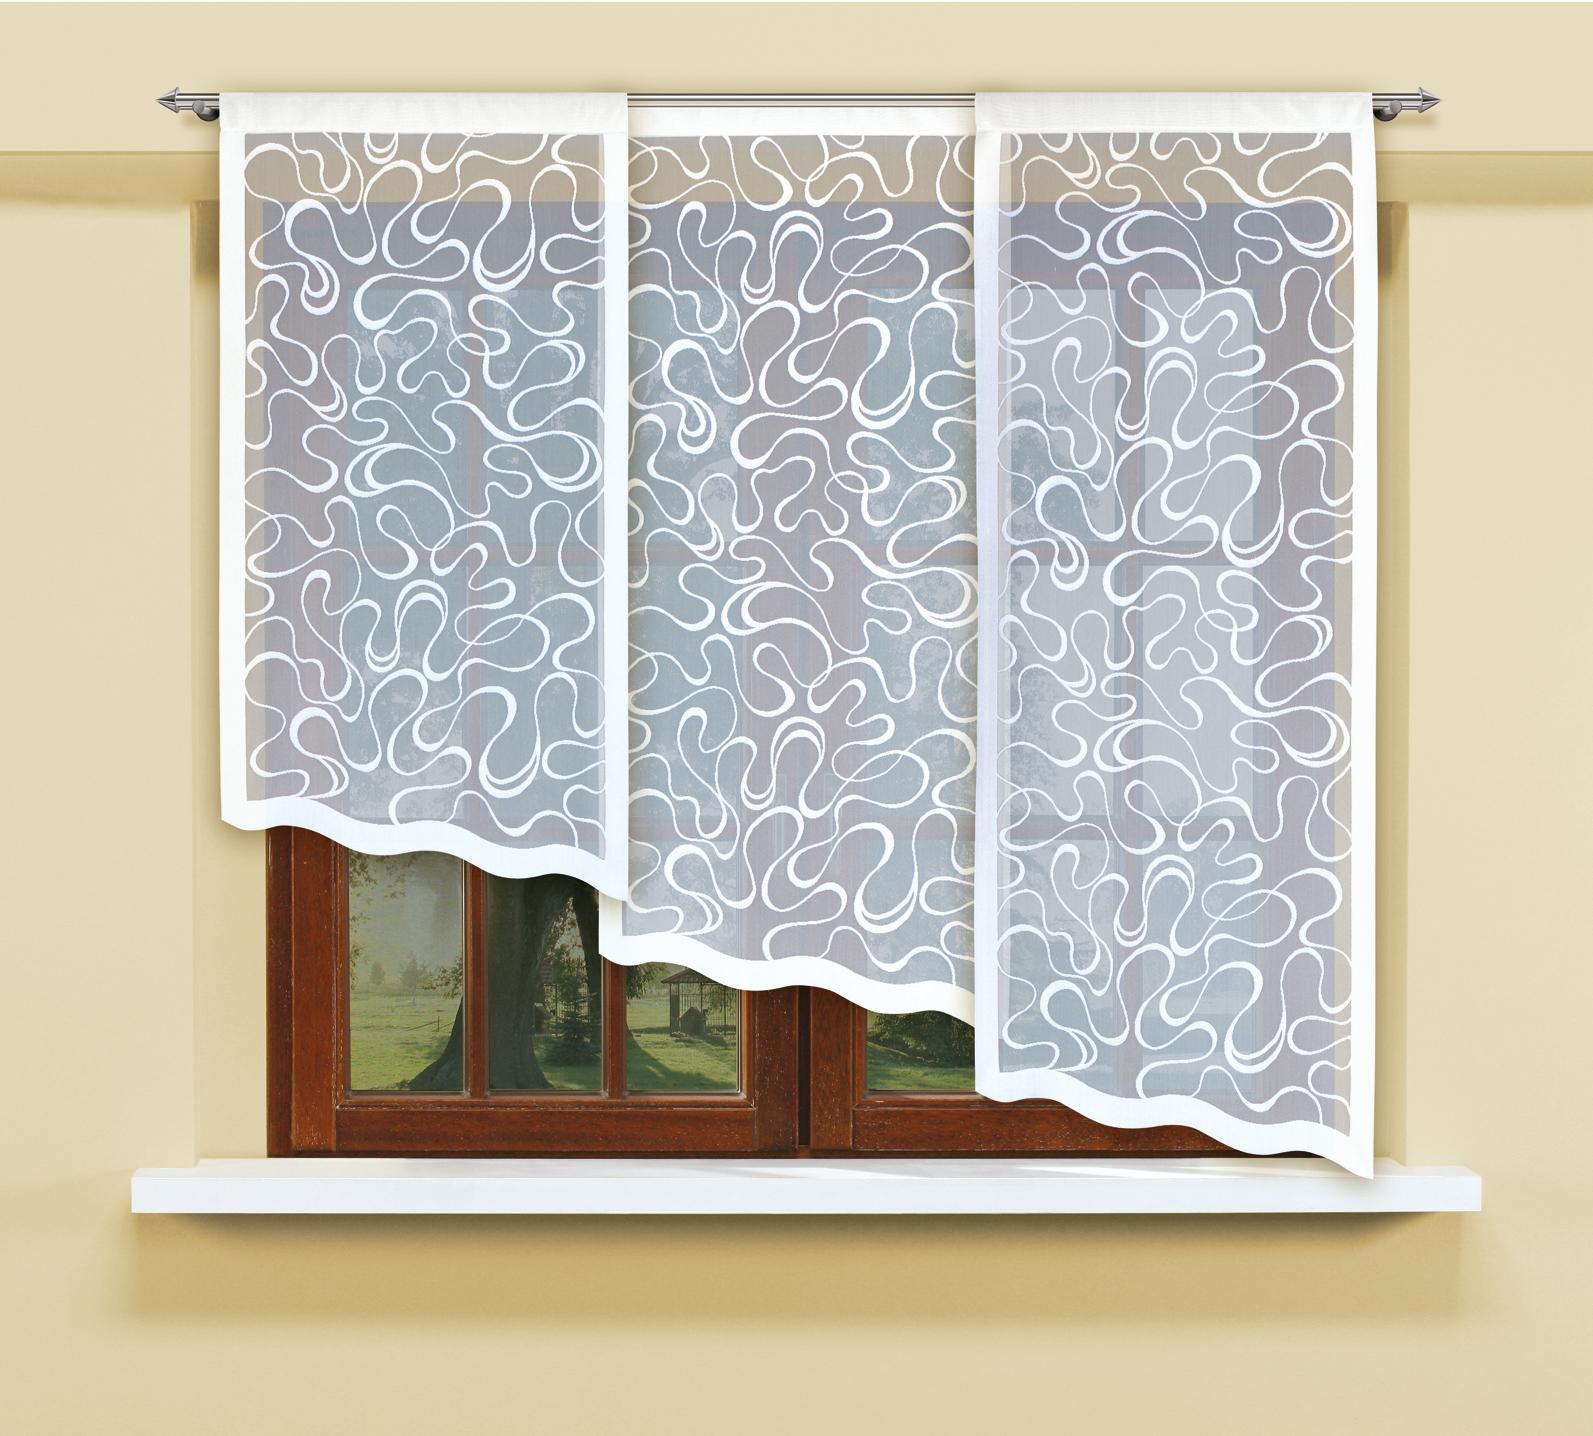 Комплект гардин Haft, на кулиске, цвет: белый, 3 шт. 207750 комплект гардин wisanhref